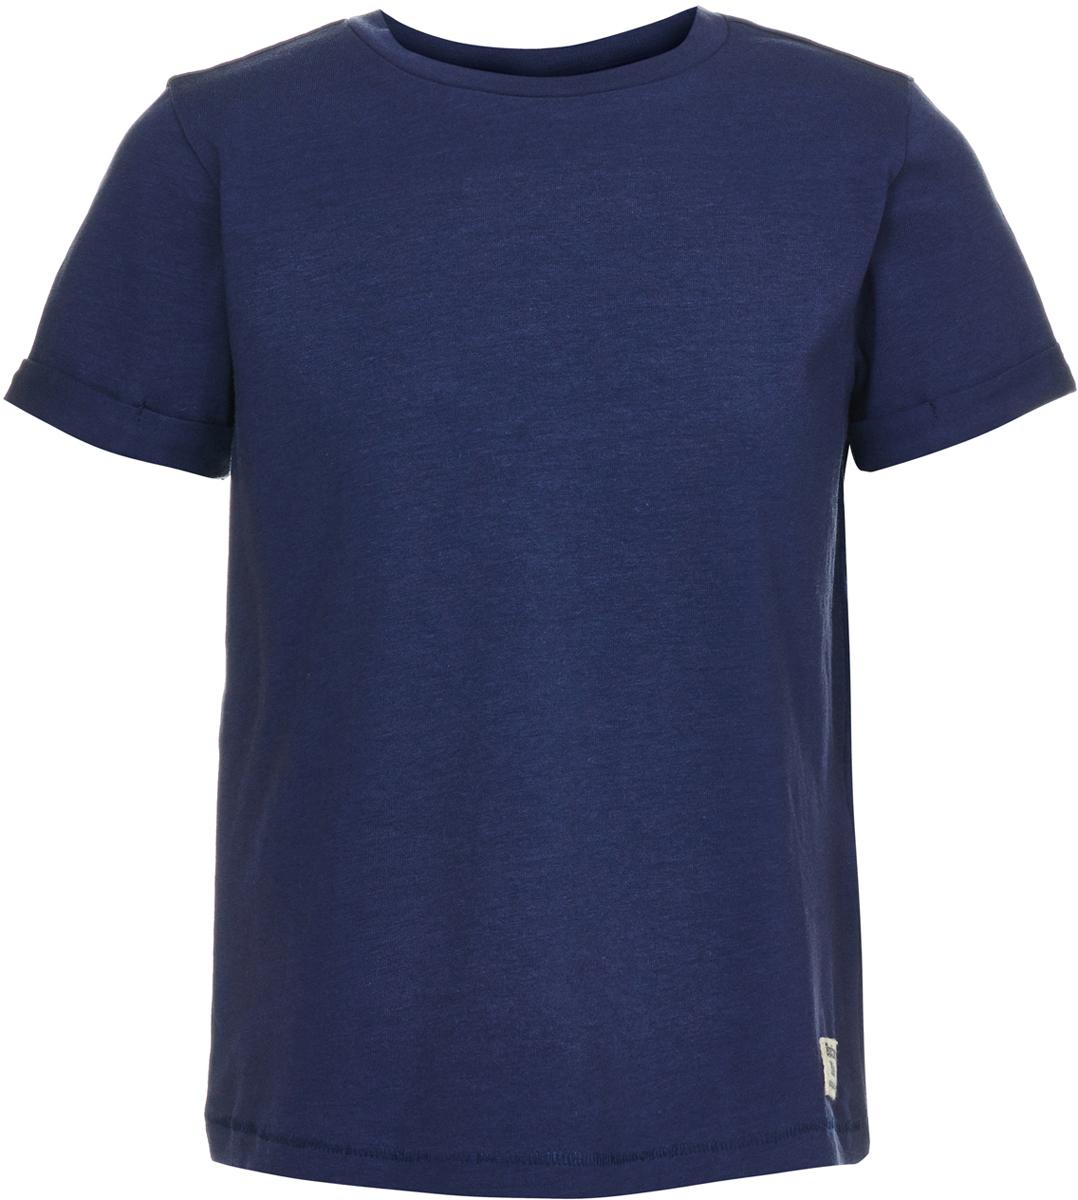 Футболка для мальчика Button Blue, цвет: темно-синий. 118BBBC12011000. Размер 122118BBBC12011000Легкая трикотажная однотонная футболка от Button Blue - идеальная одежда на лето для мальчика. Футболка с коротким рукавом изготовлена из эластичного хлопка. Круглый вырез горловины дополнен трикотажной резинкой. Такая футболка станет основой множества образов, а универсальный цвет модели позволяет ей удачно смотреться в сочетании с самыми разными цветами и оттенками.